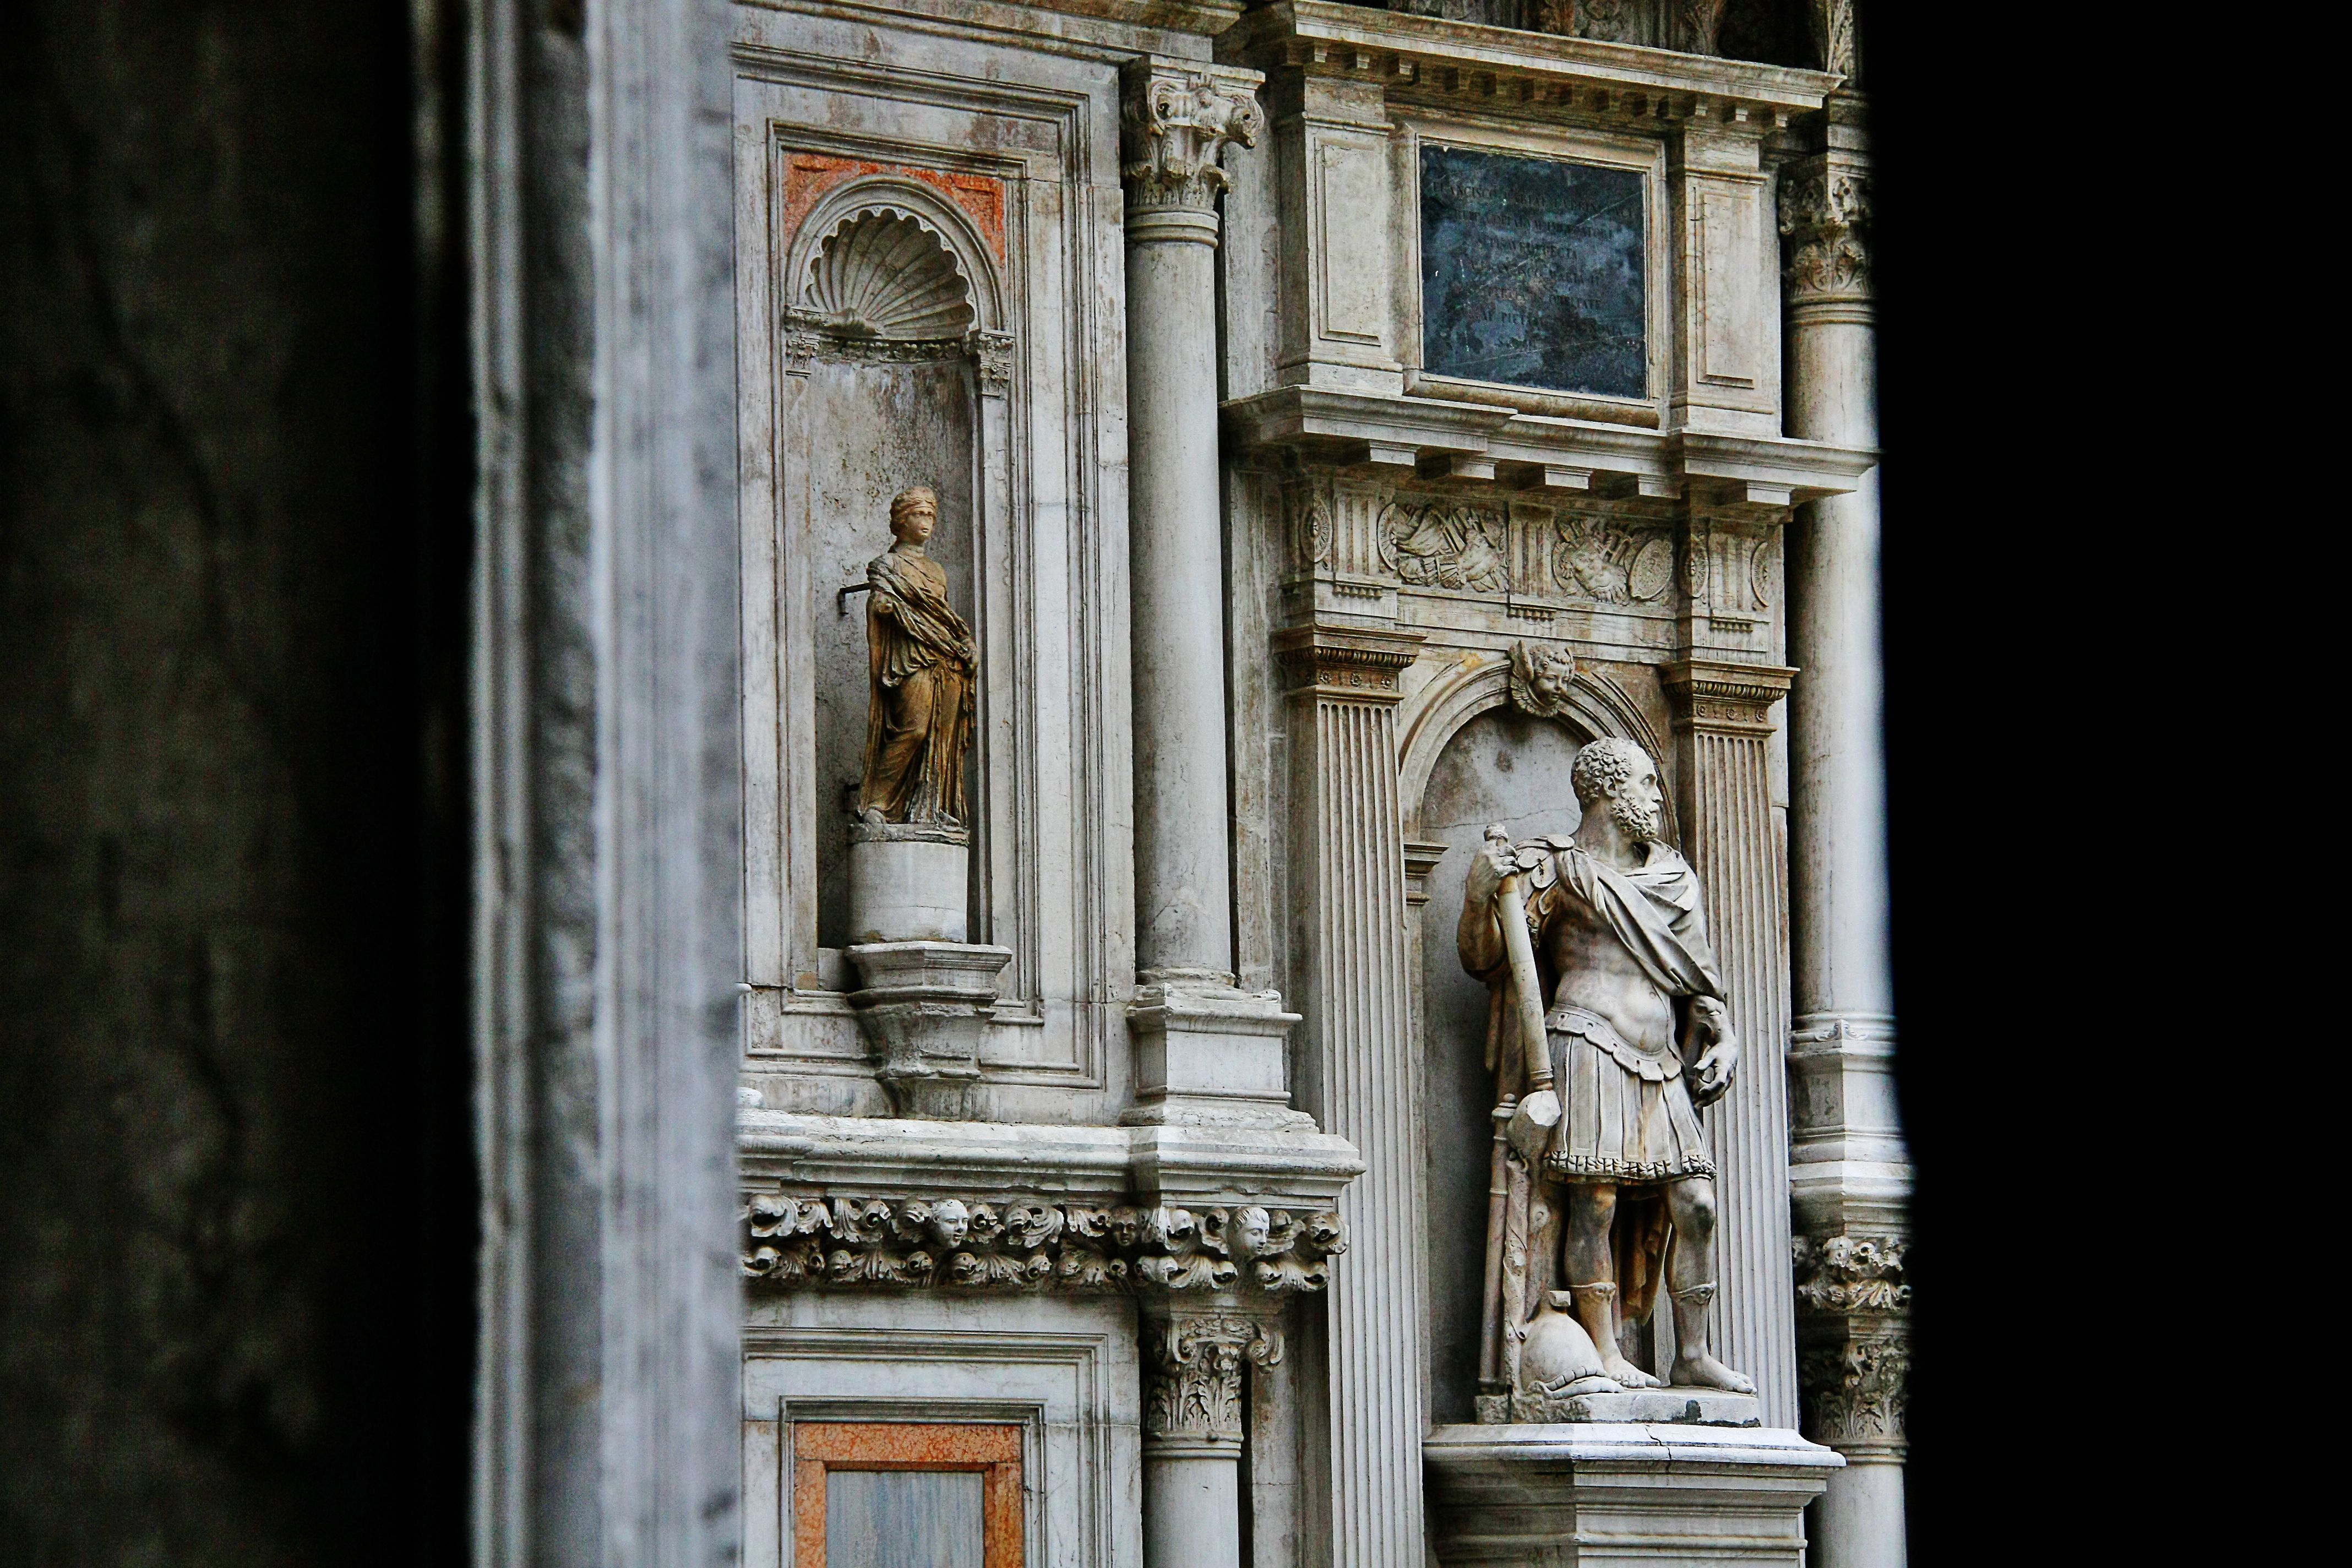 Veneto region, Venice, Italy - March 21, 2010 - Doge's Palace